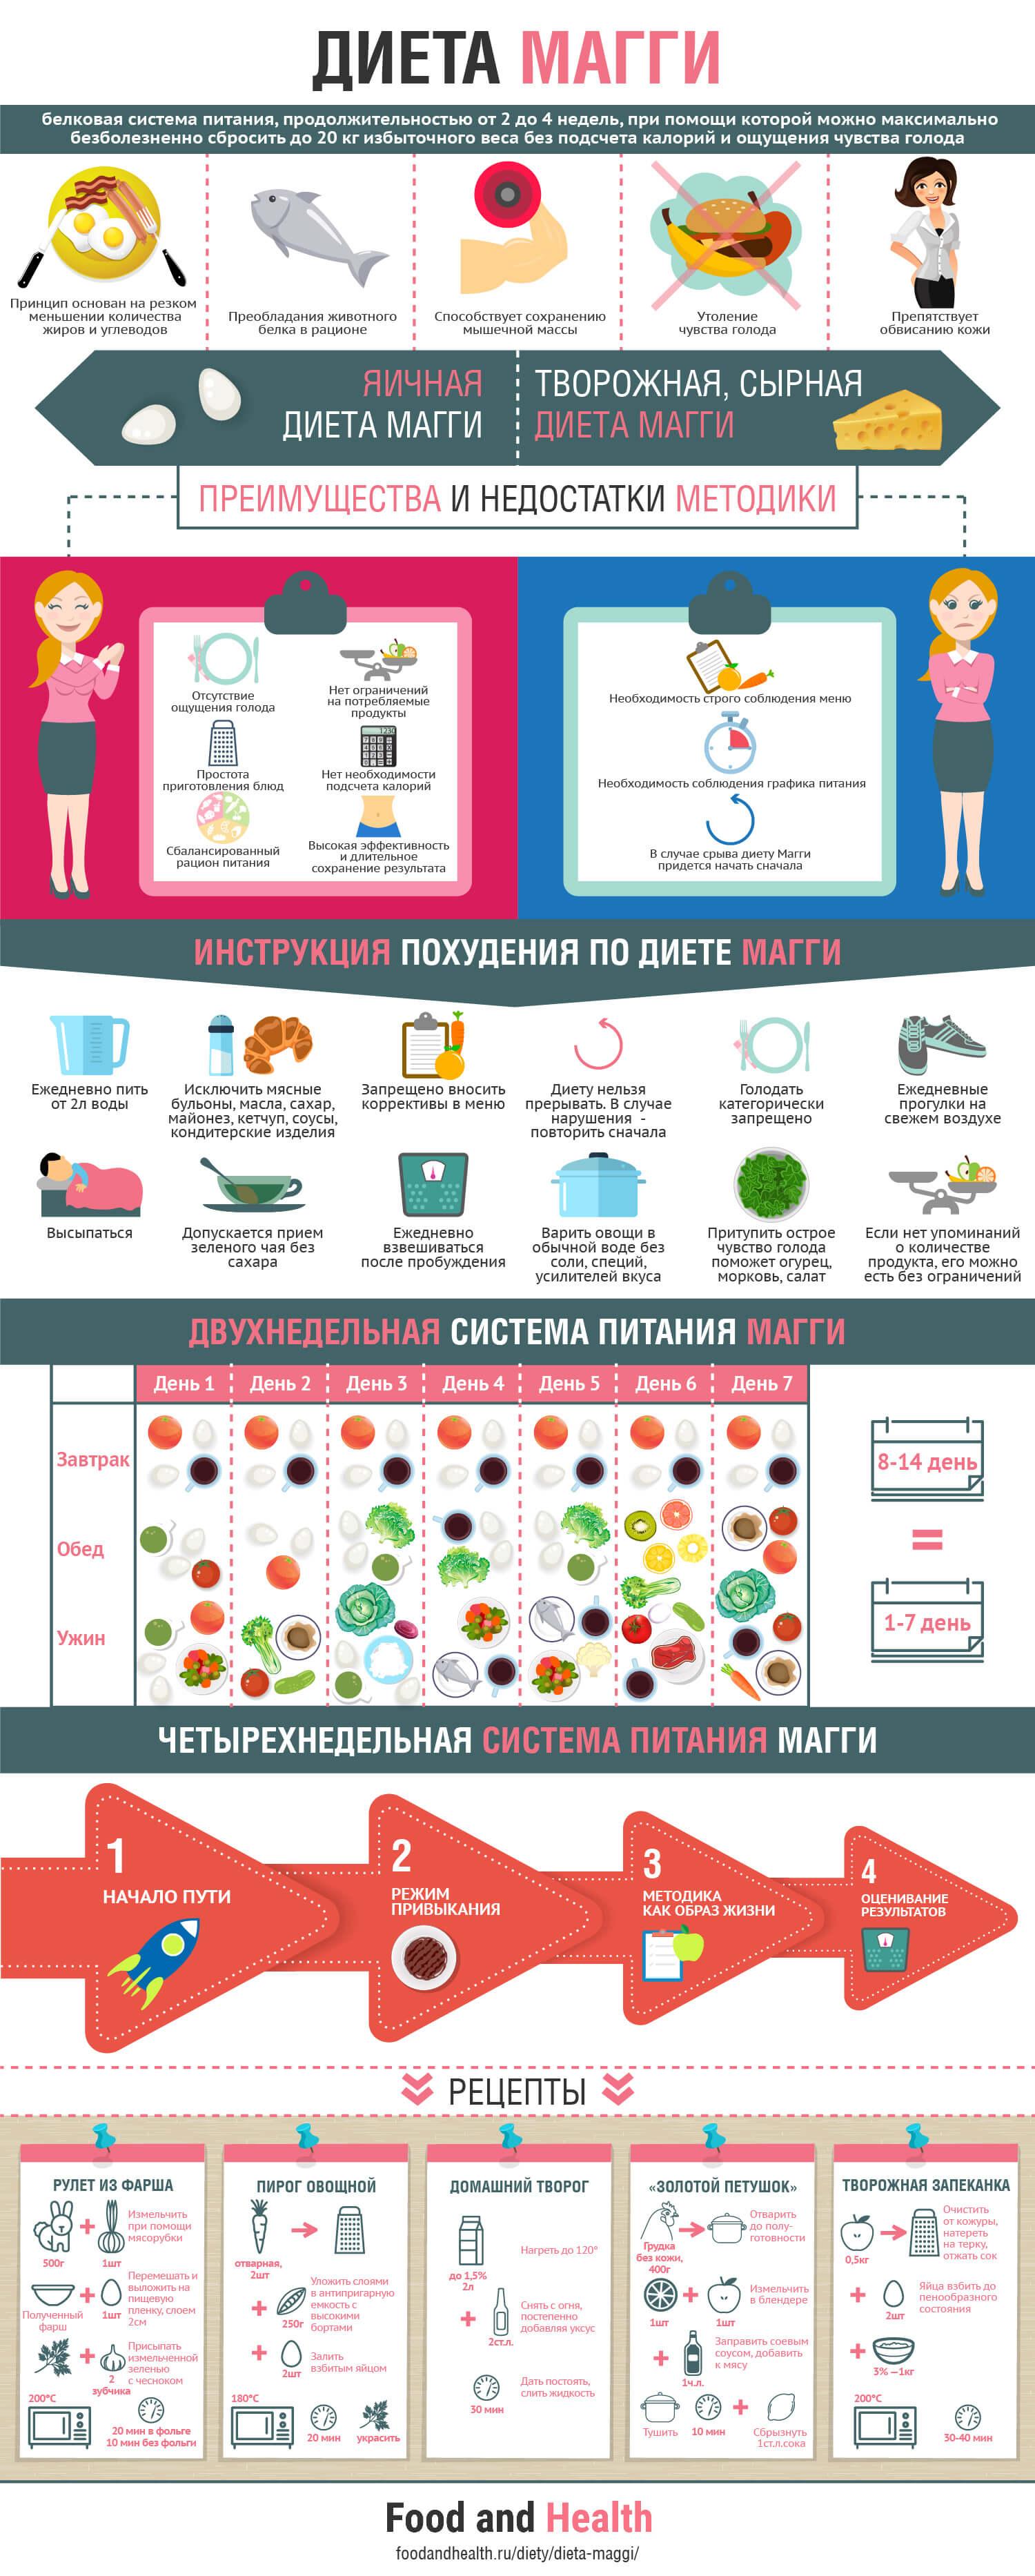 Гречневая диета отзывы похудевших ПОЖАЛУЙСТА